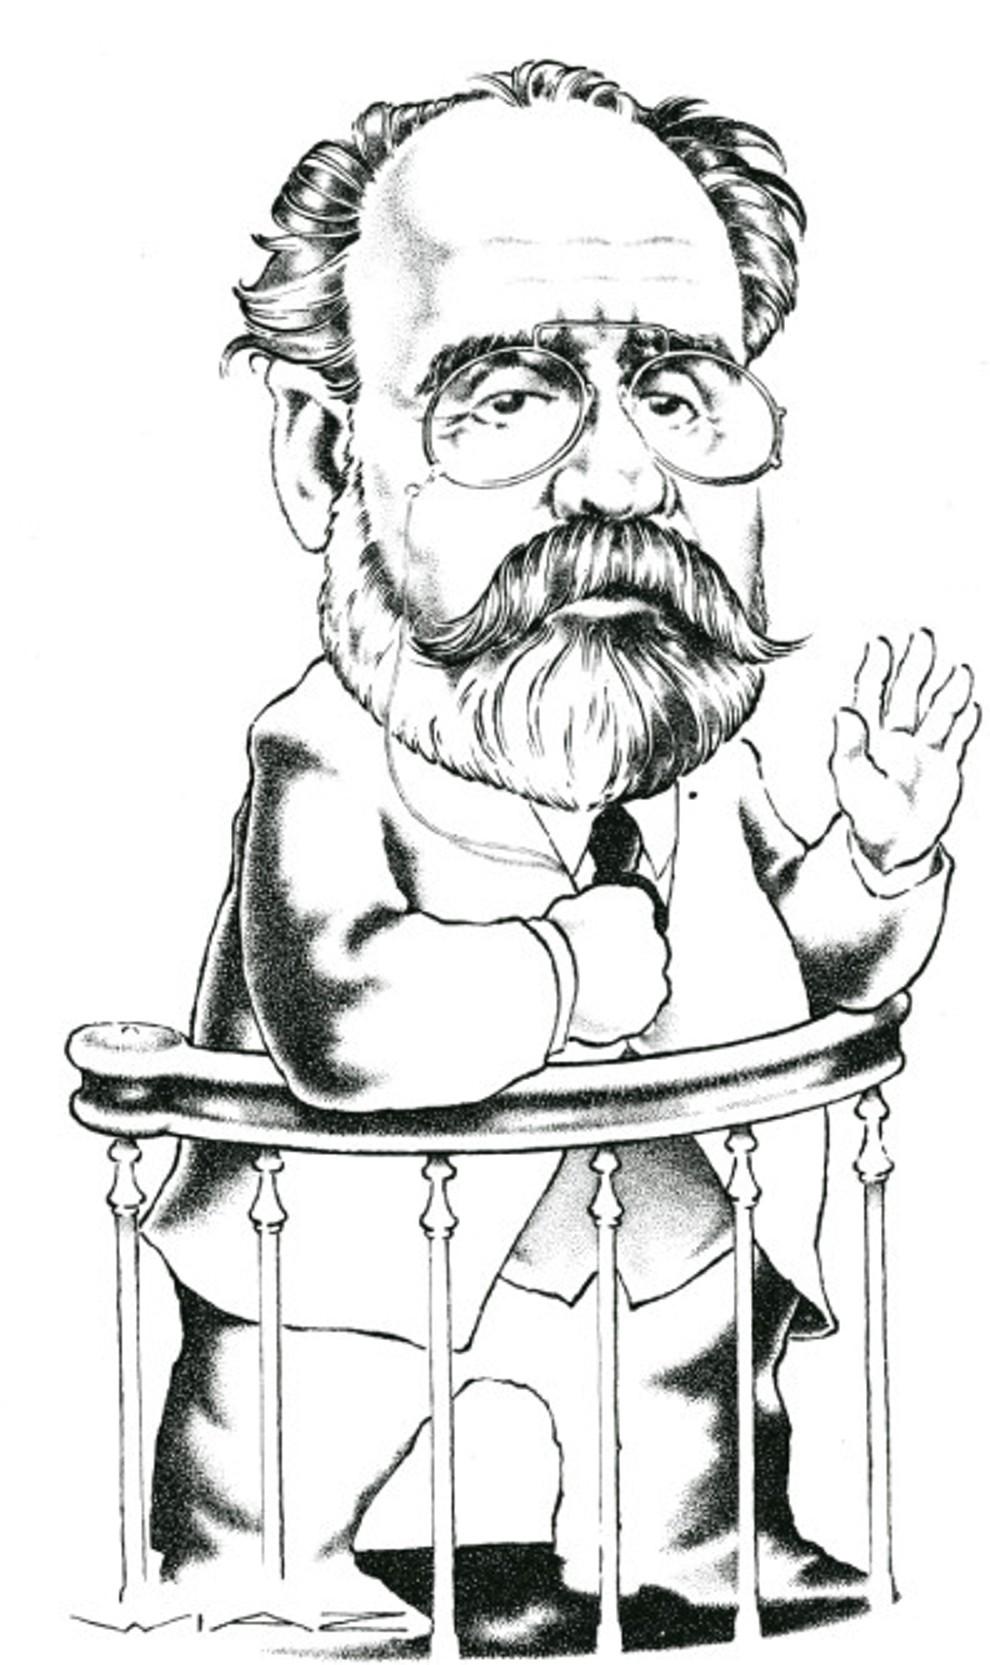 Image - Emile Zola à la barre